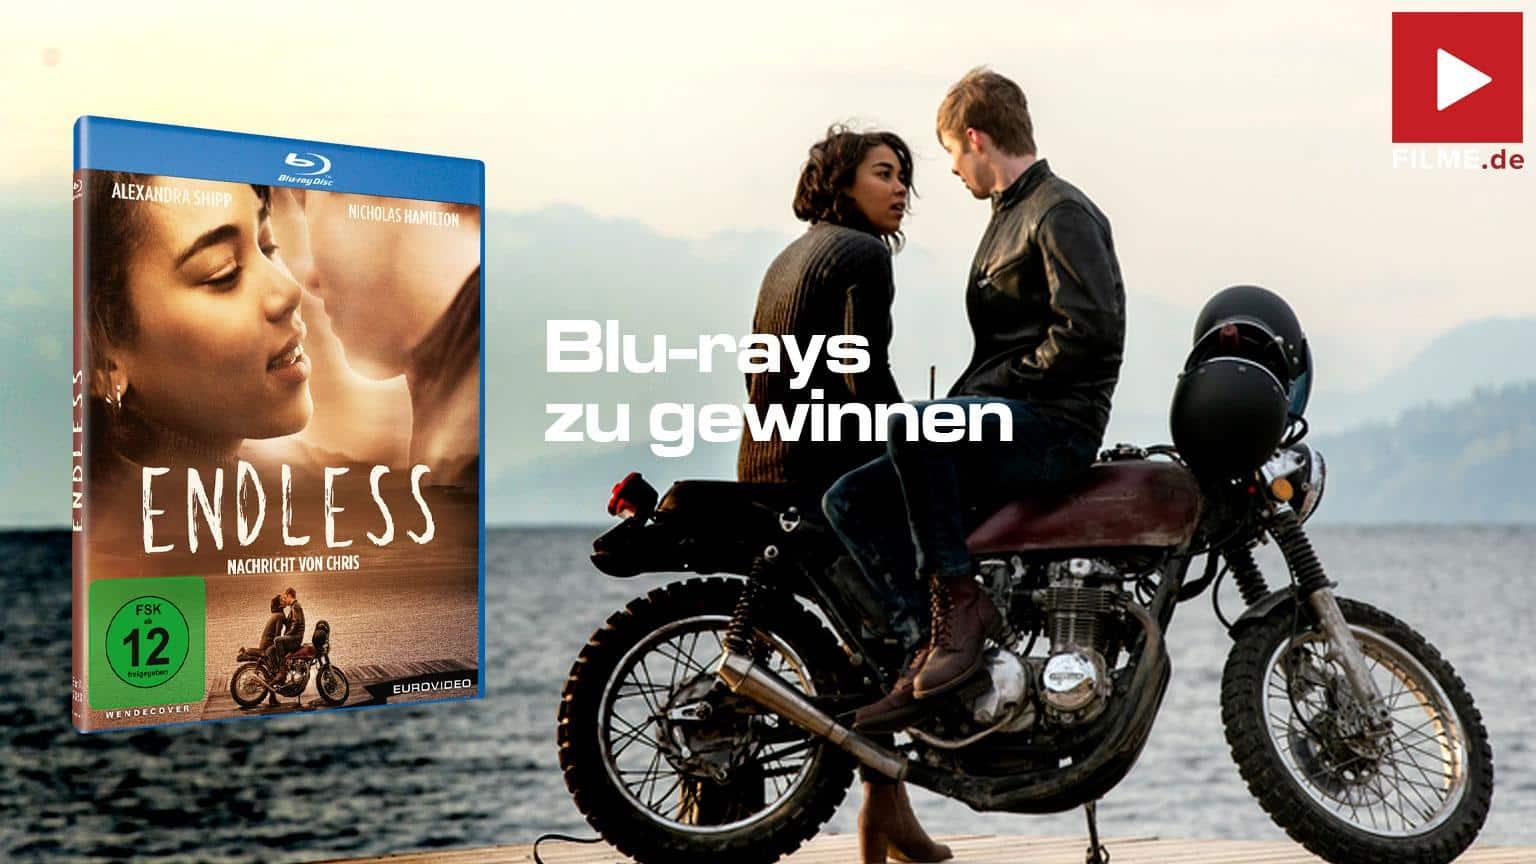 Endless Nachricht von Chris Film 2020 Blu-ray DVD Shop kaufen Gewinnspiel gewinnen Artikelbild